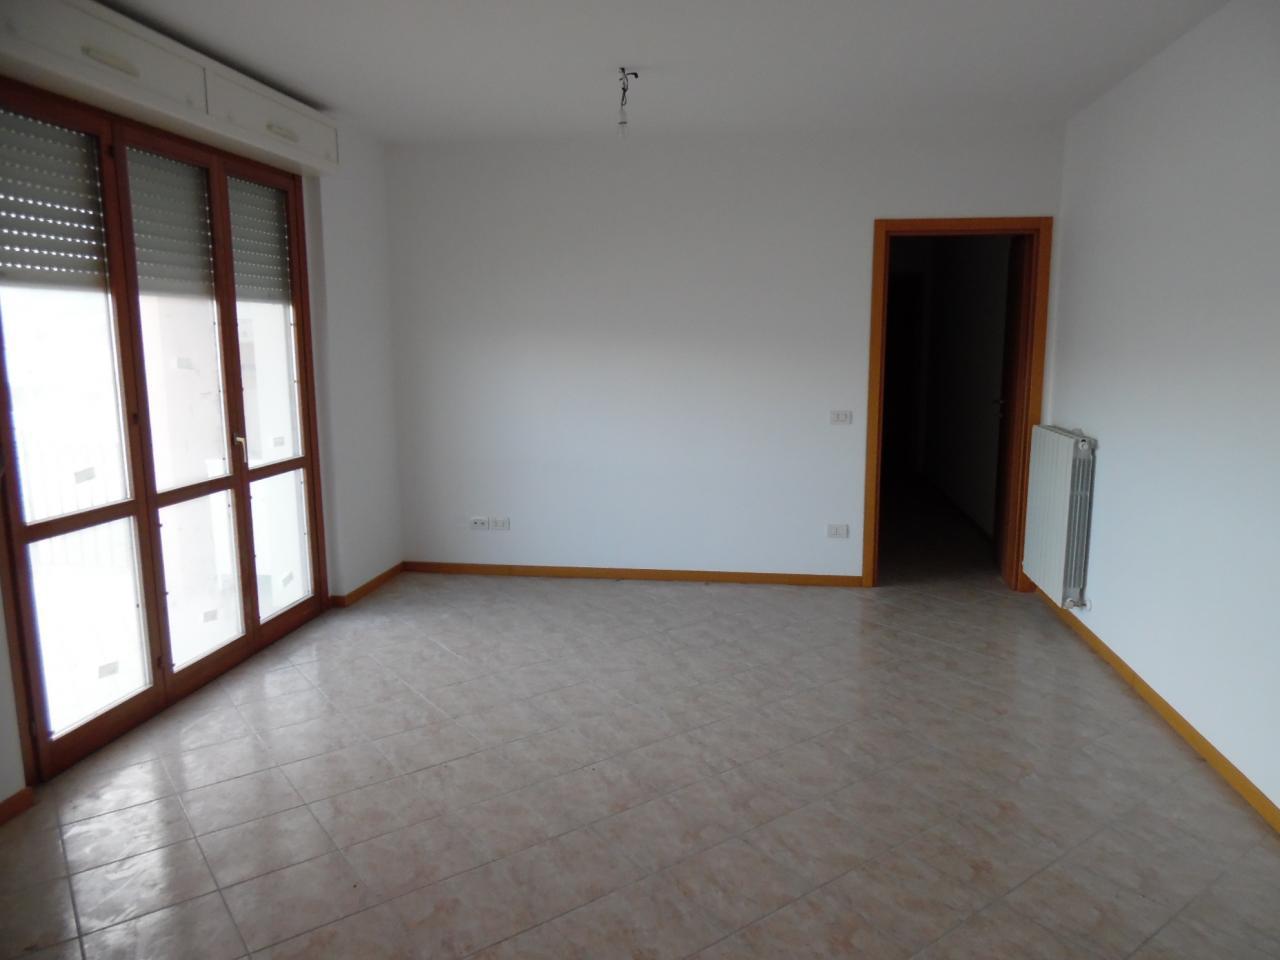 Appartamento in affitto a Monteprandone, 4 locali, zona Zona: Centobuchi, prezzo € 550 | Cambio Casa.it